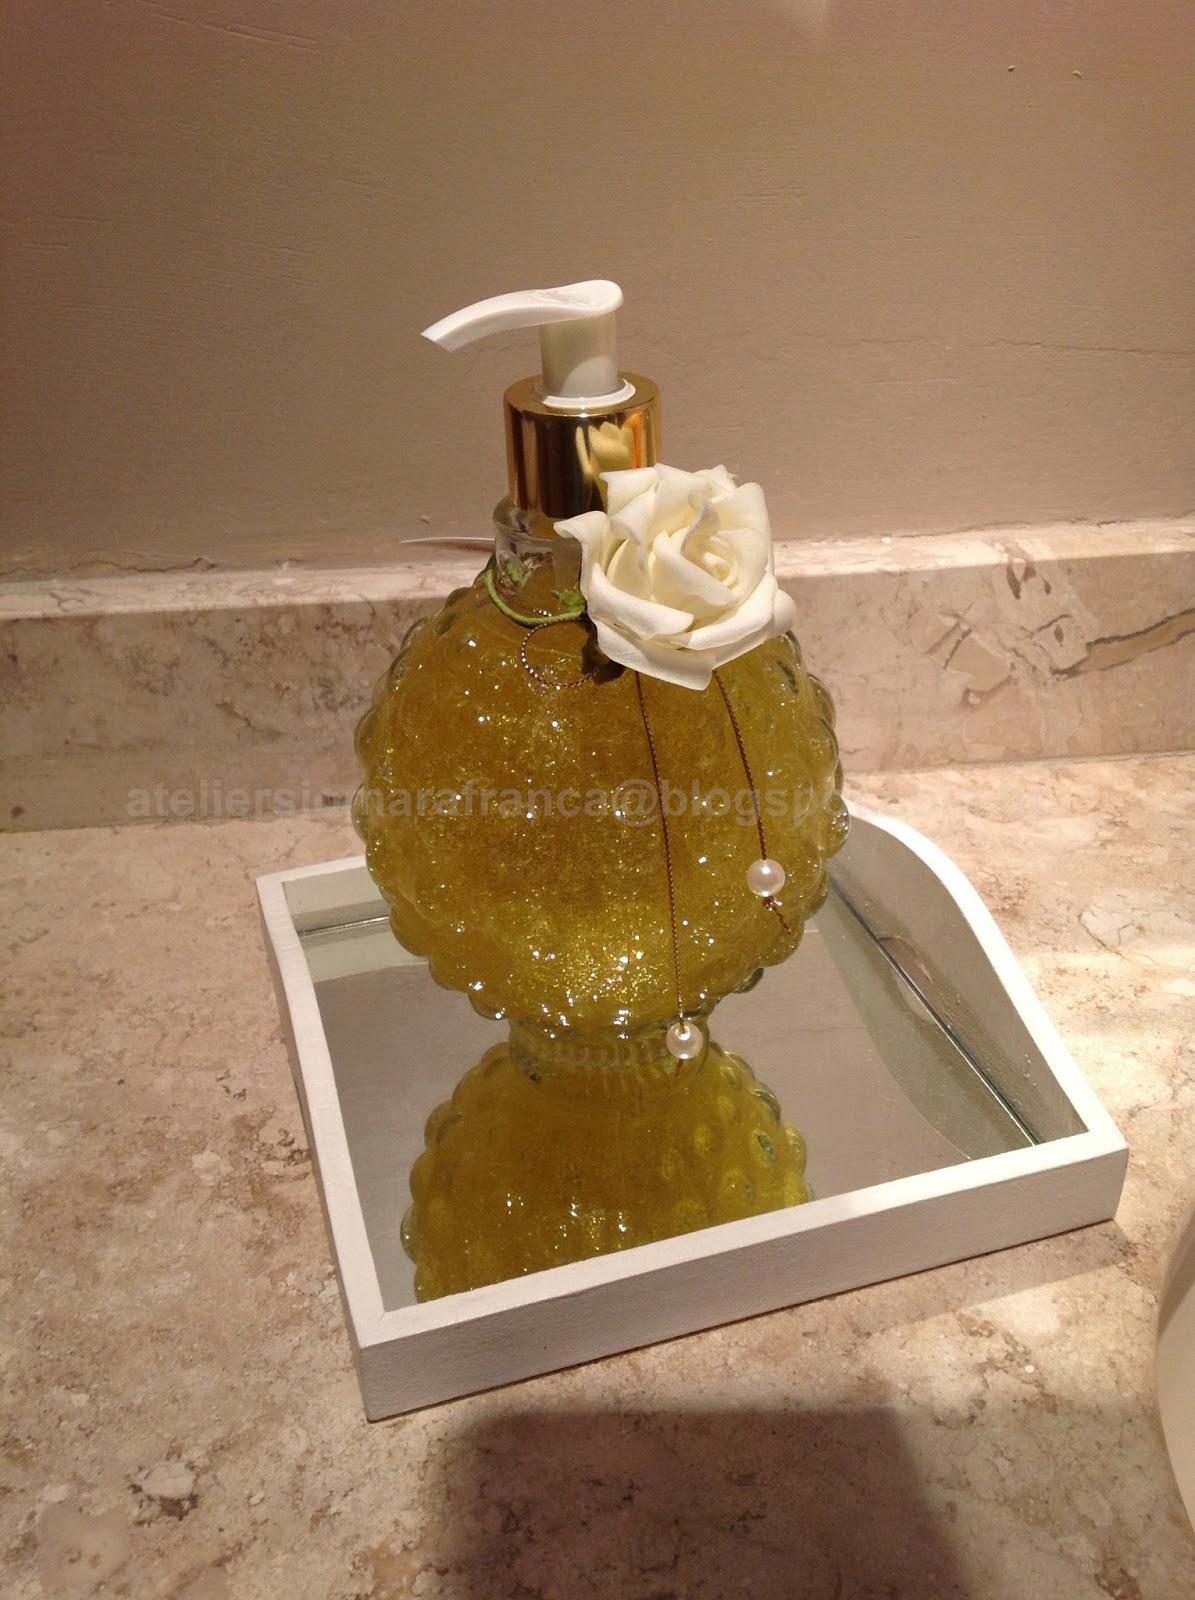 Sabonete Líquido com glíter em vidro 600ml decorado com rosa  #A36828 1195 1600